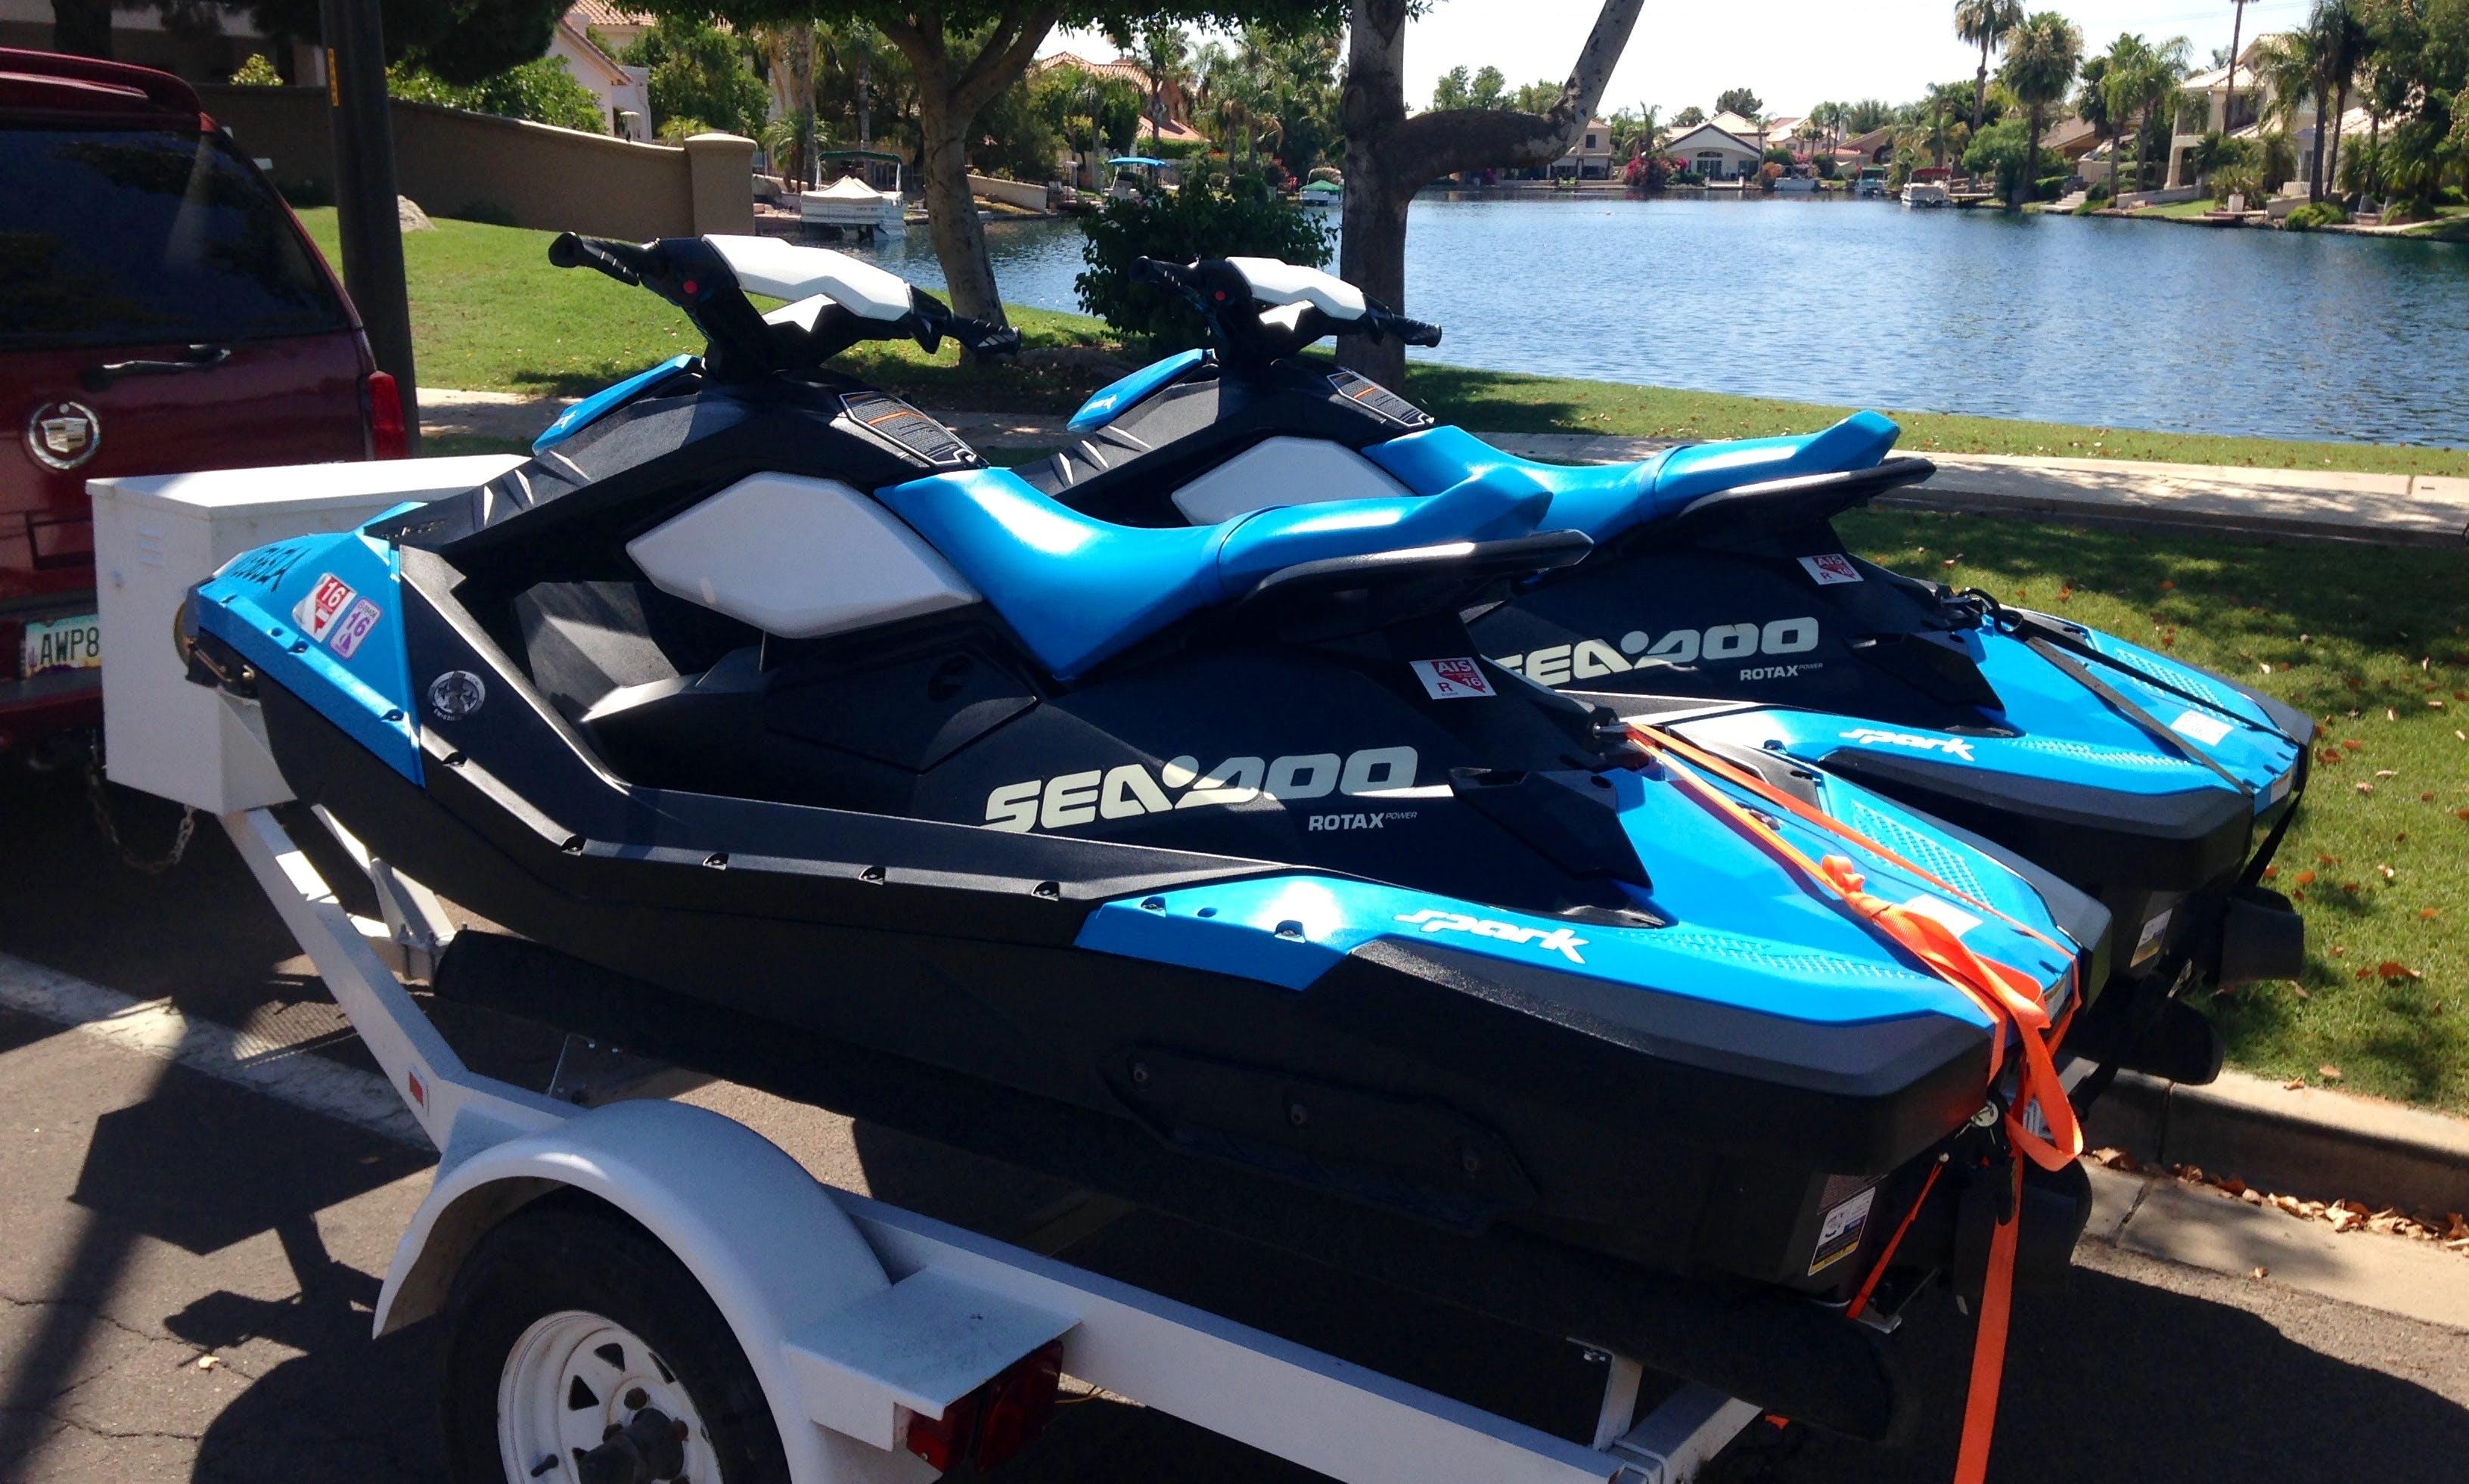 SeaDoo Spark Jet ski Rental in Gilbert, Arizona